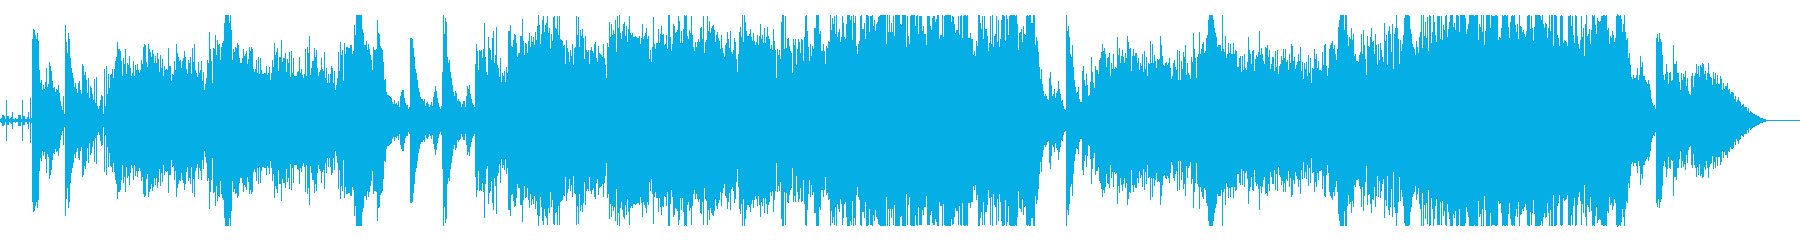 軽快なポップ調のインストゥルメンタルの再生済みの波形